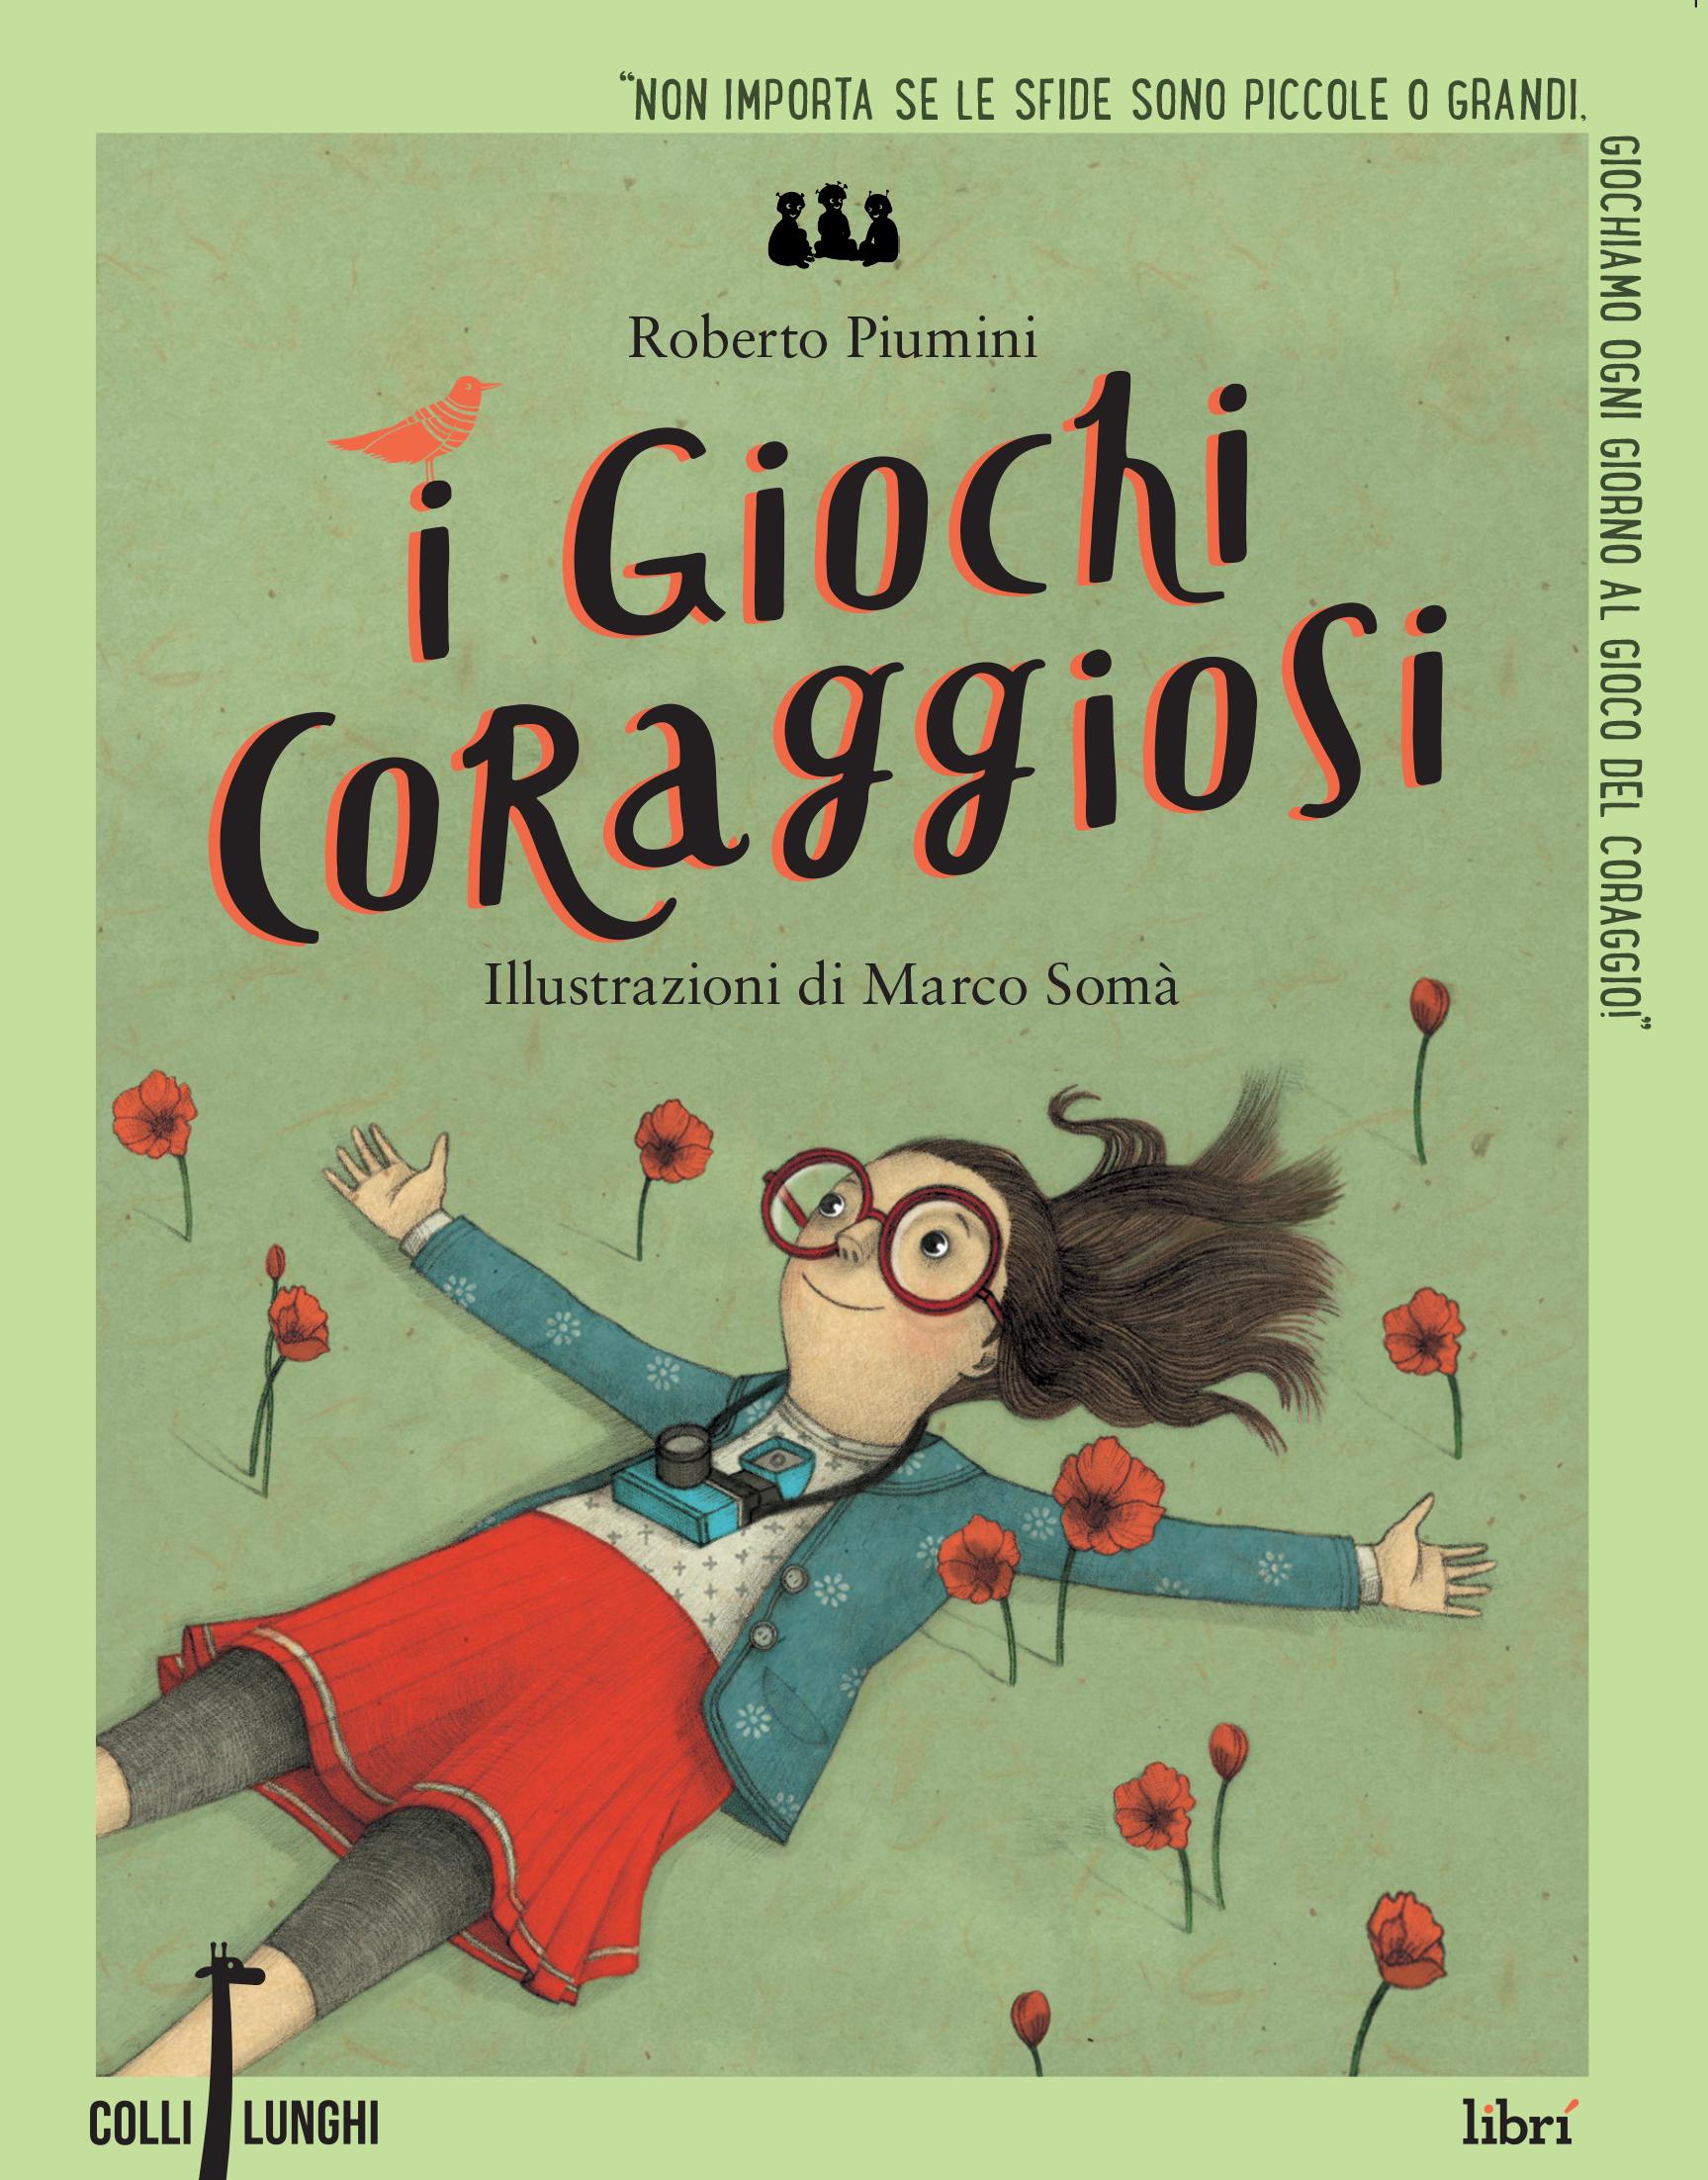 """Immagine di copertina di: I giochi coraggiosi"""" di Roberto Piumini"""